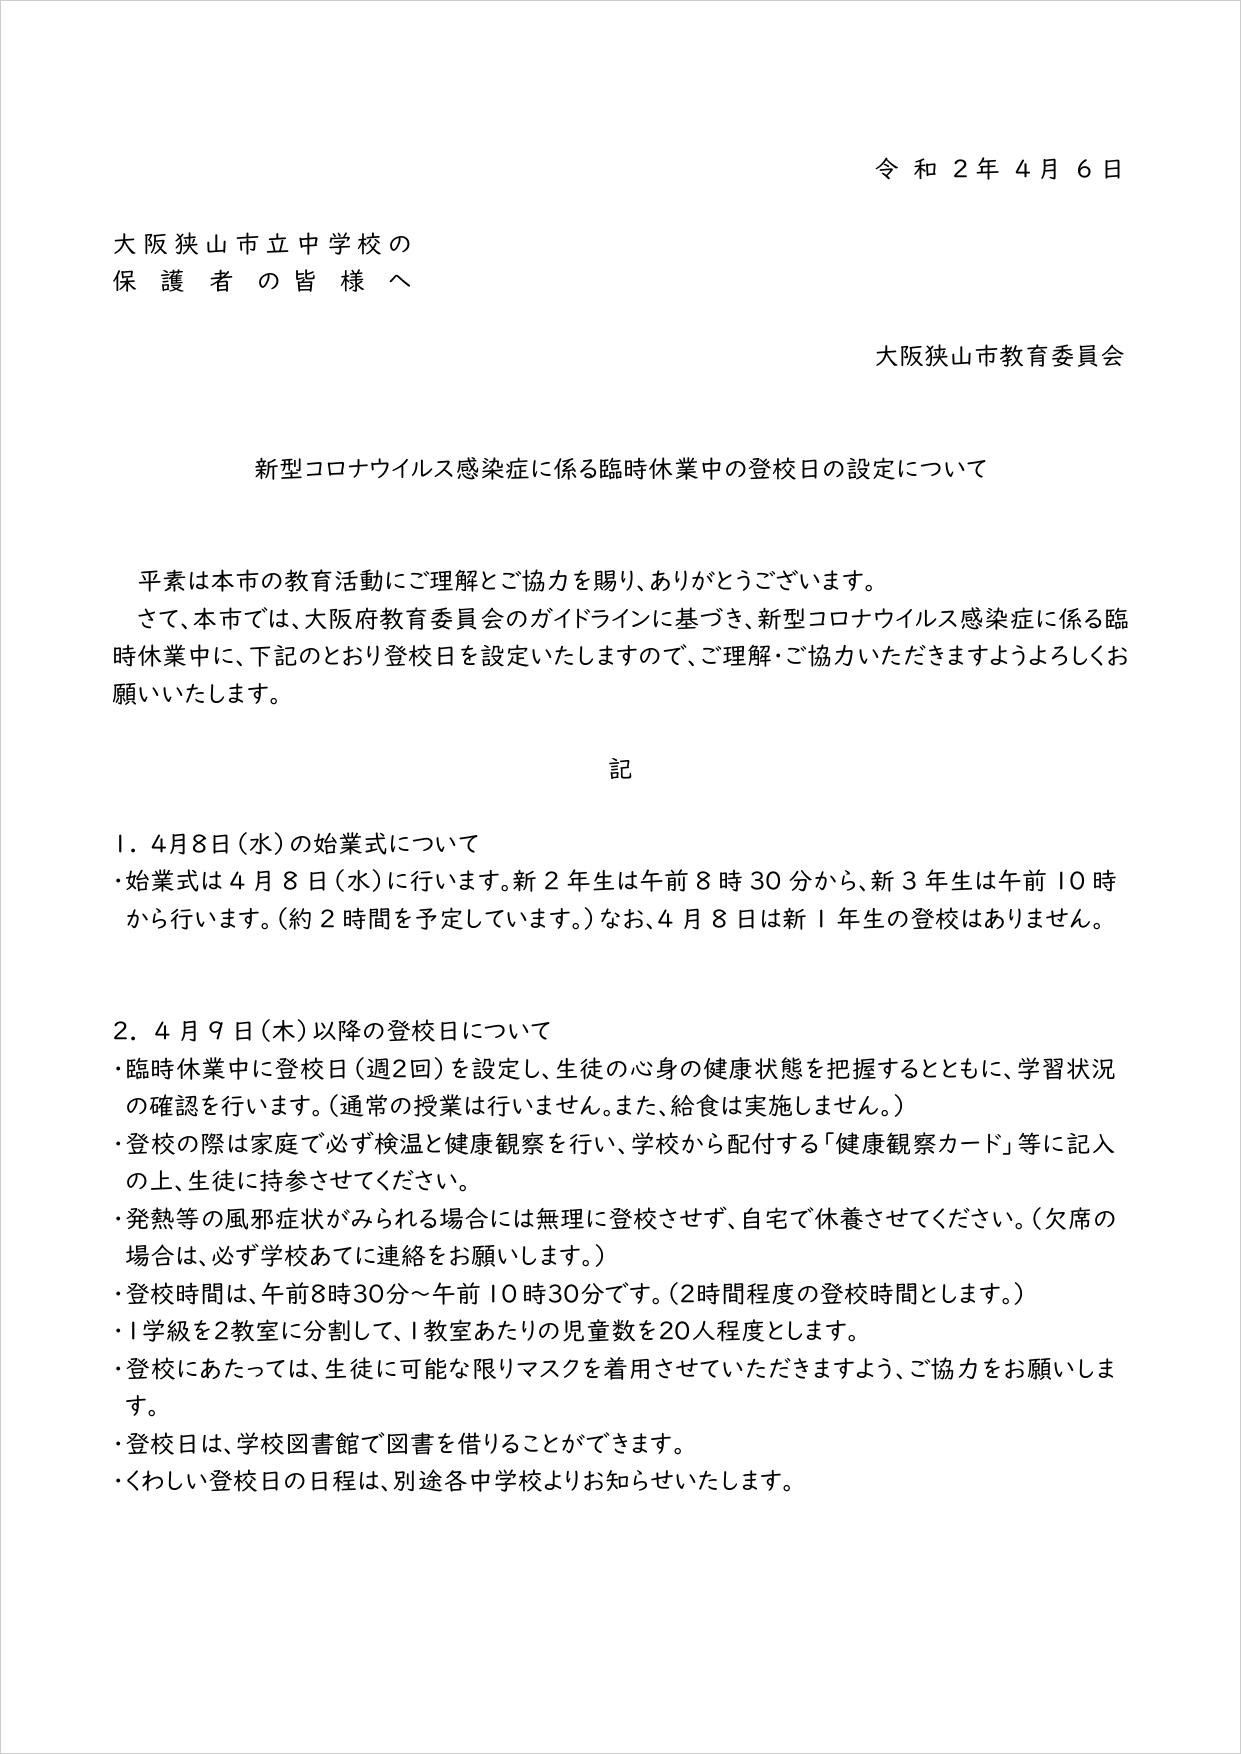 【2020年4月6日付け】臨時休業中の登校日について中学校-(1)